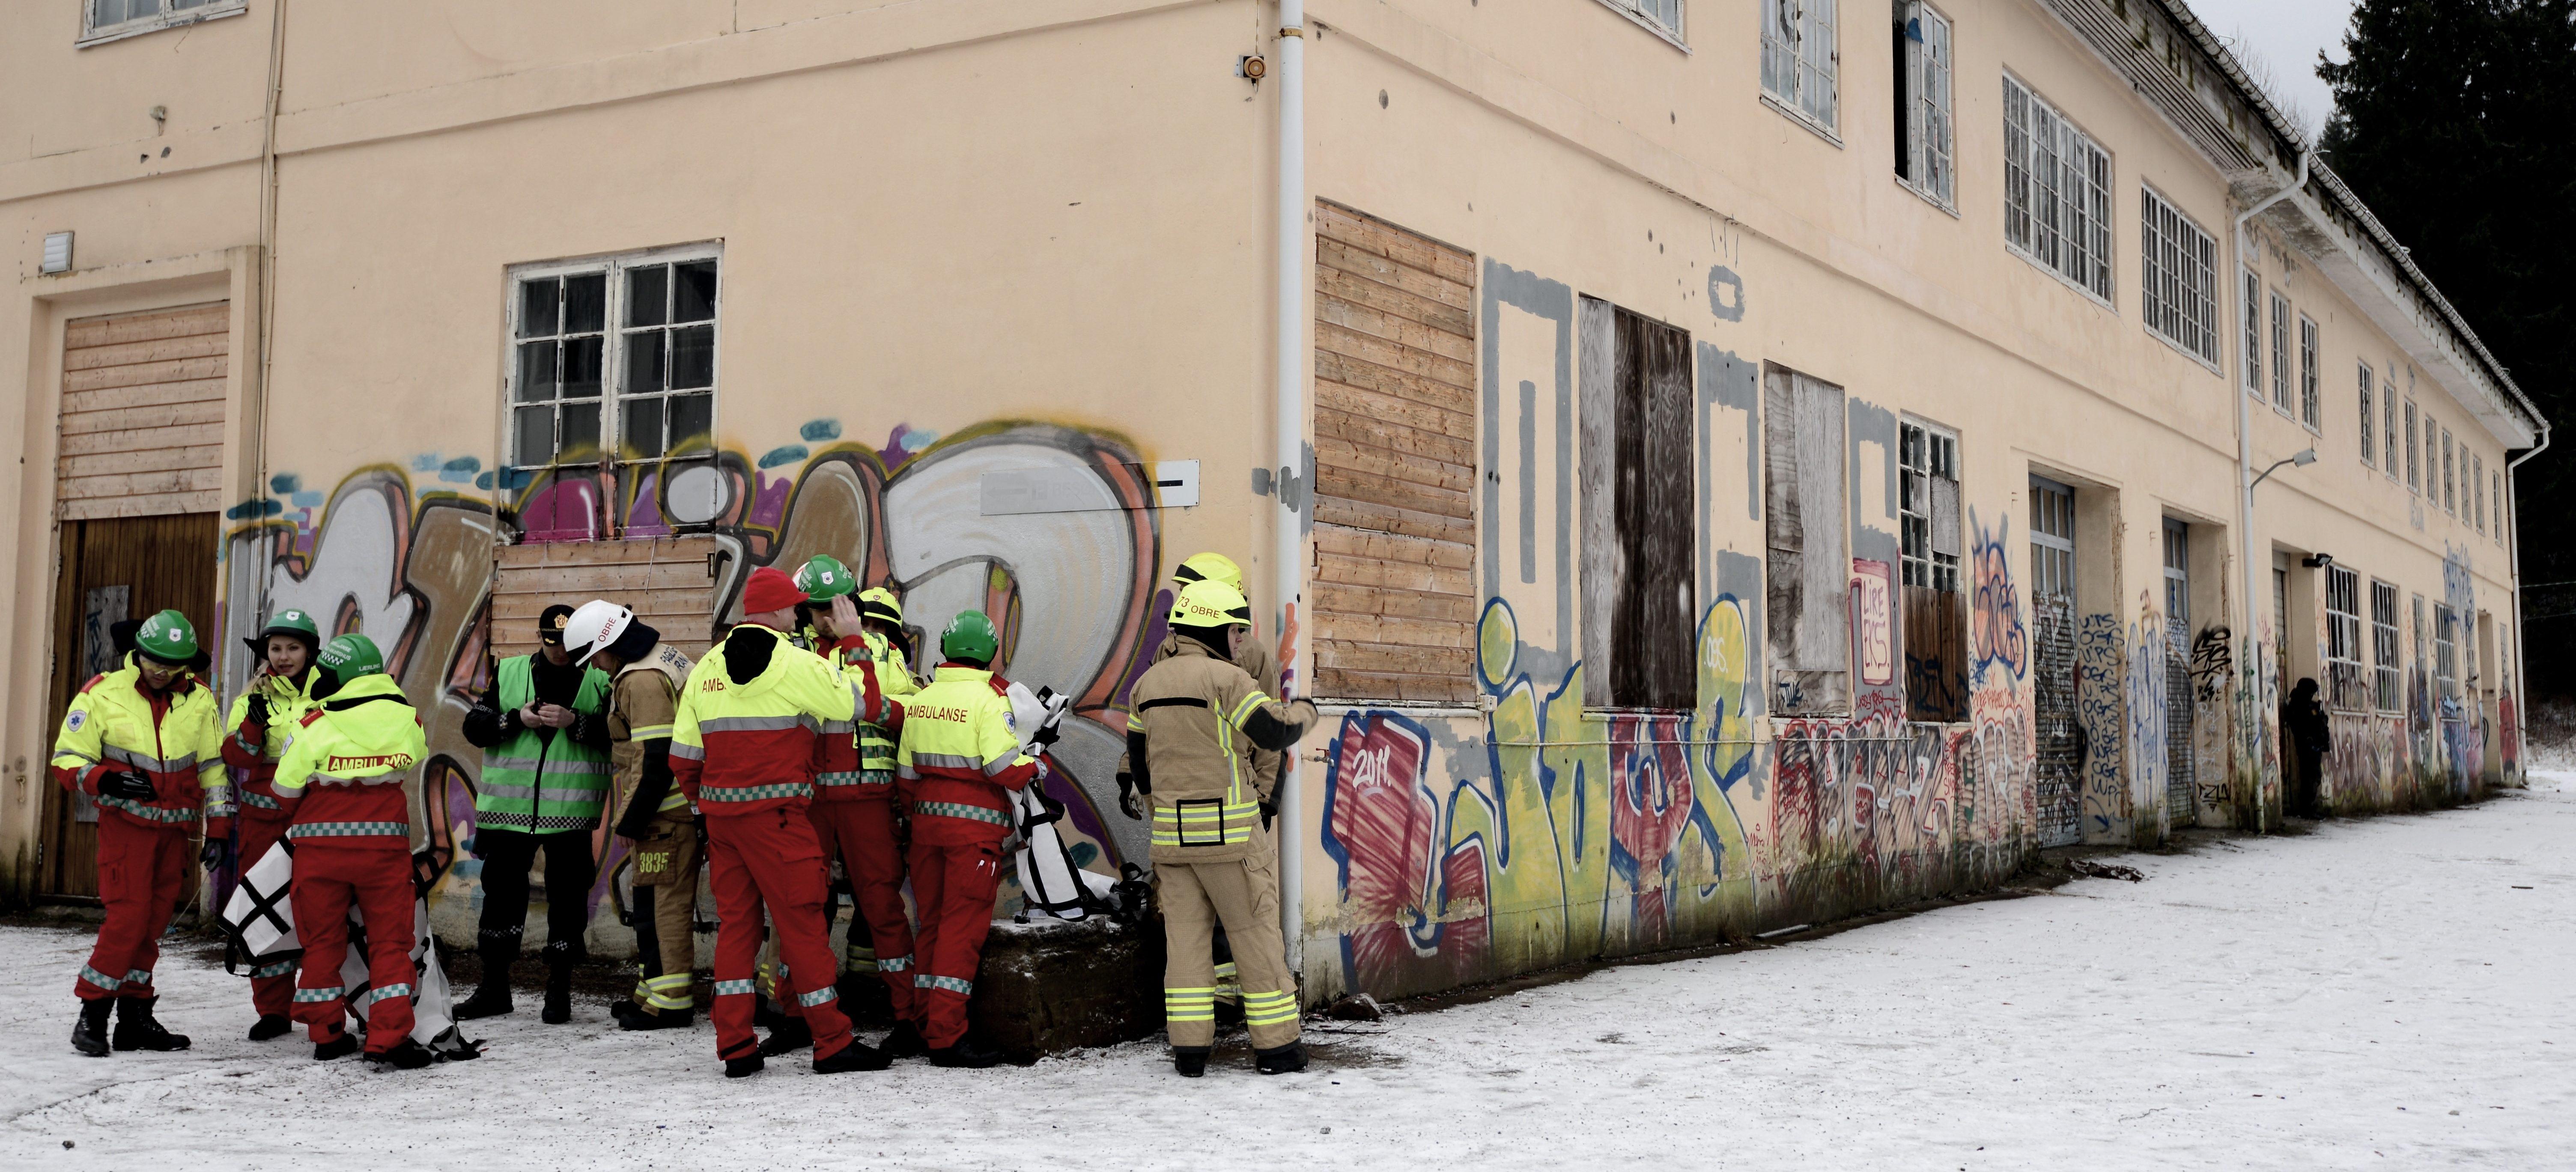 Brannmenn og ambulansefolk ventar bak eit hushjørne (illustrasjonsfoto)